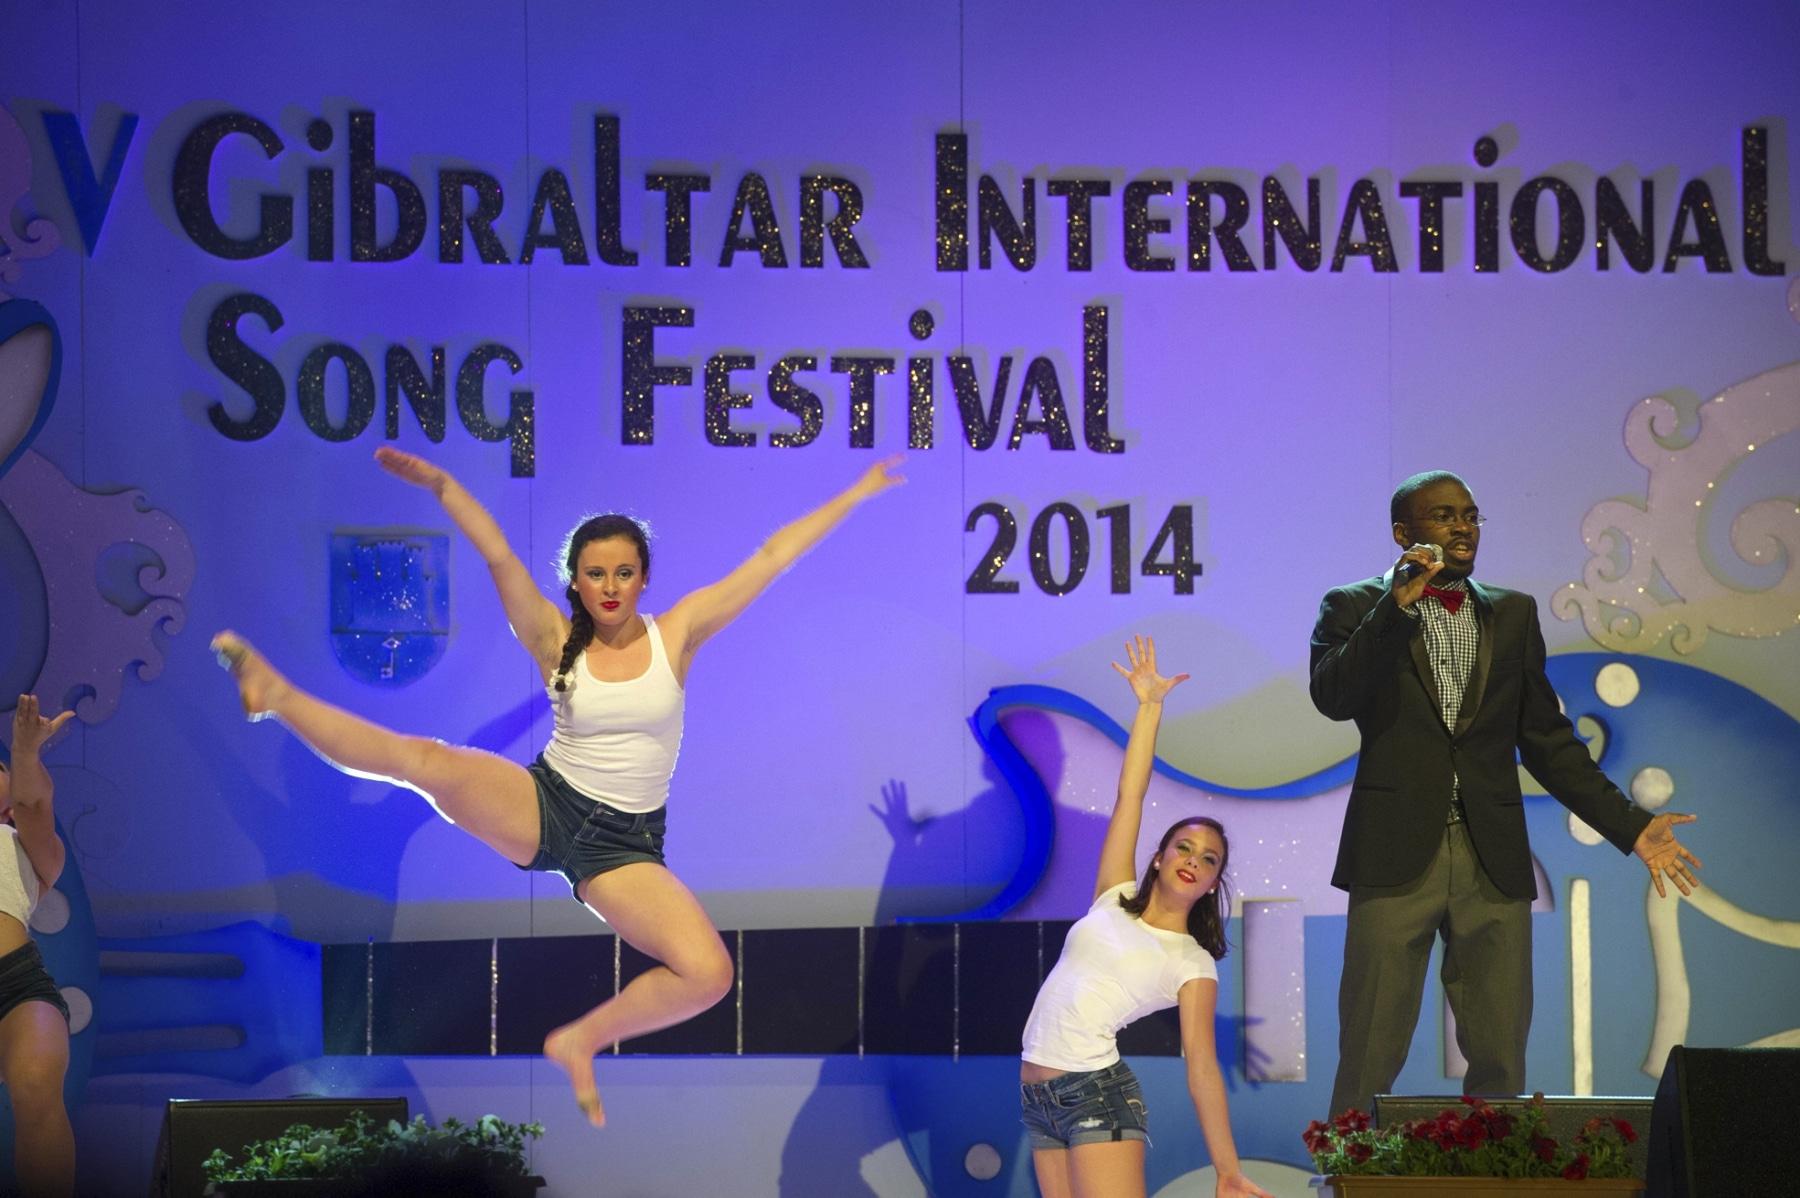 asher-moodie-reino-unido-junto-a-bailarines-de-la-mediterranen-dance-school-y-dance-academy_14033488074_o